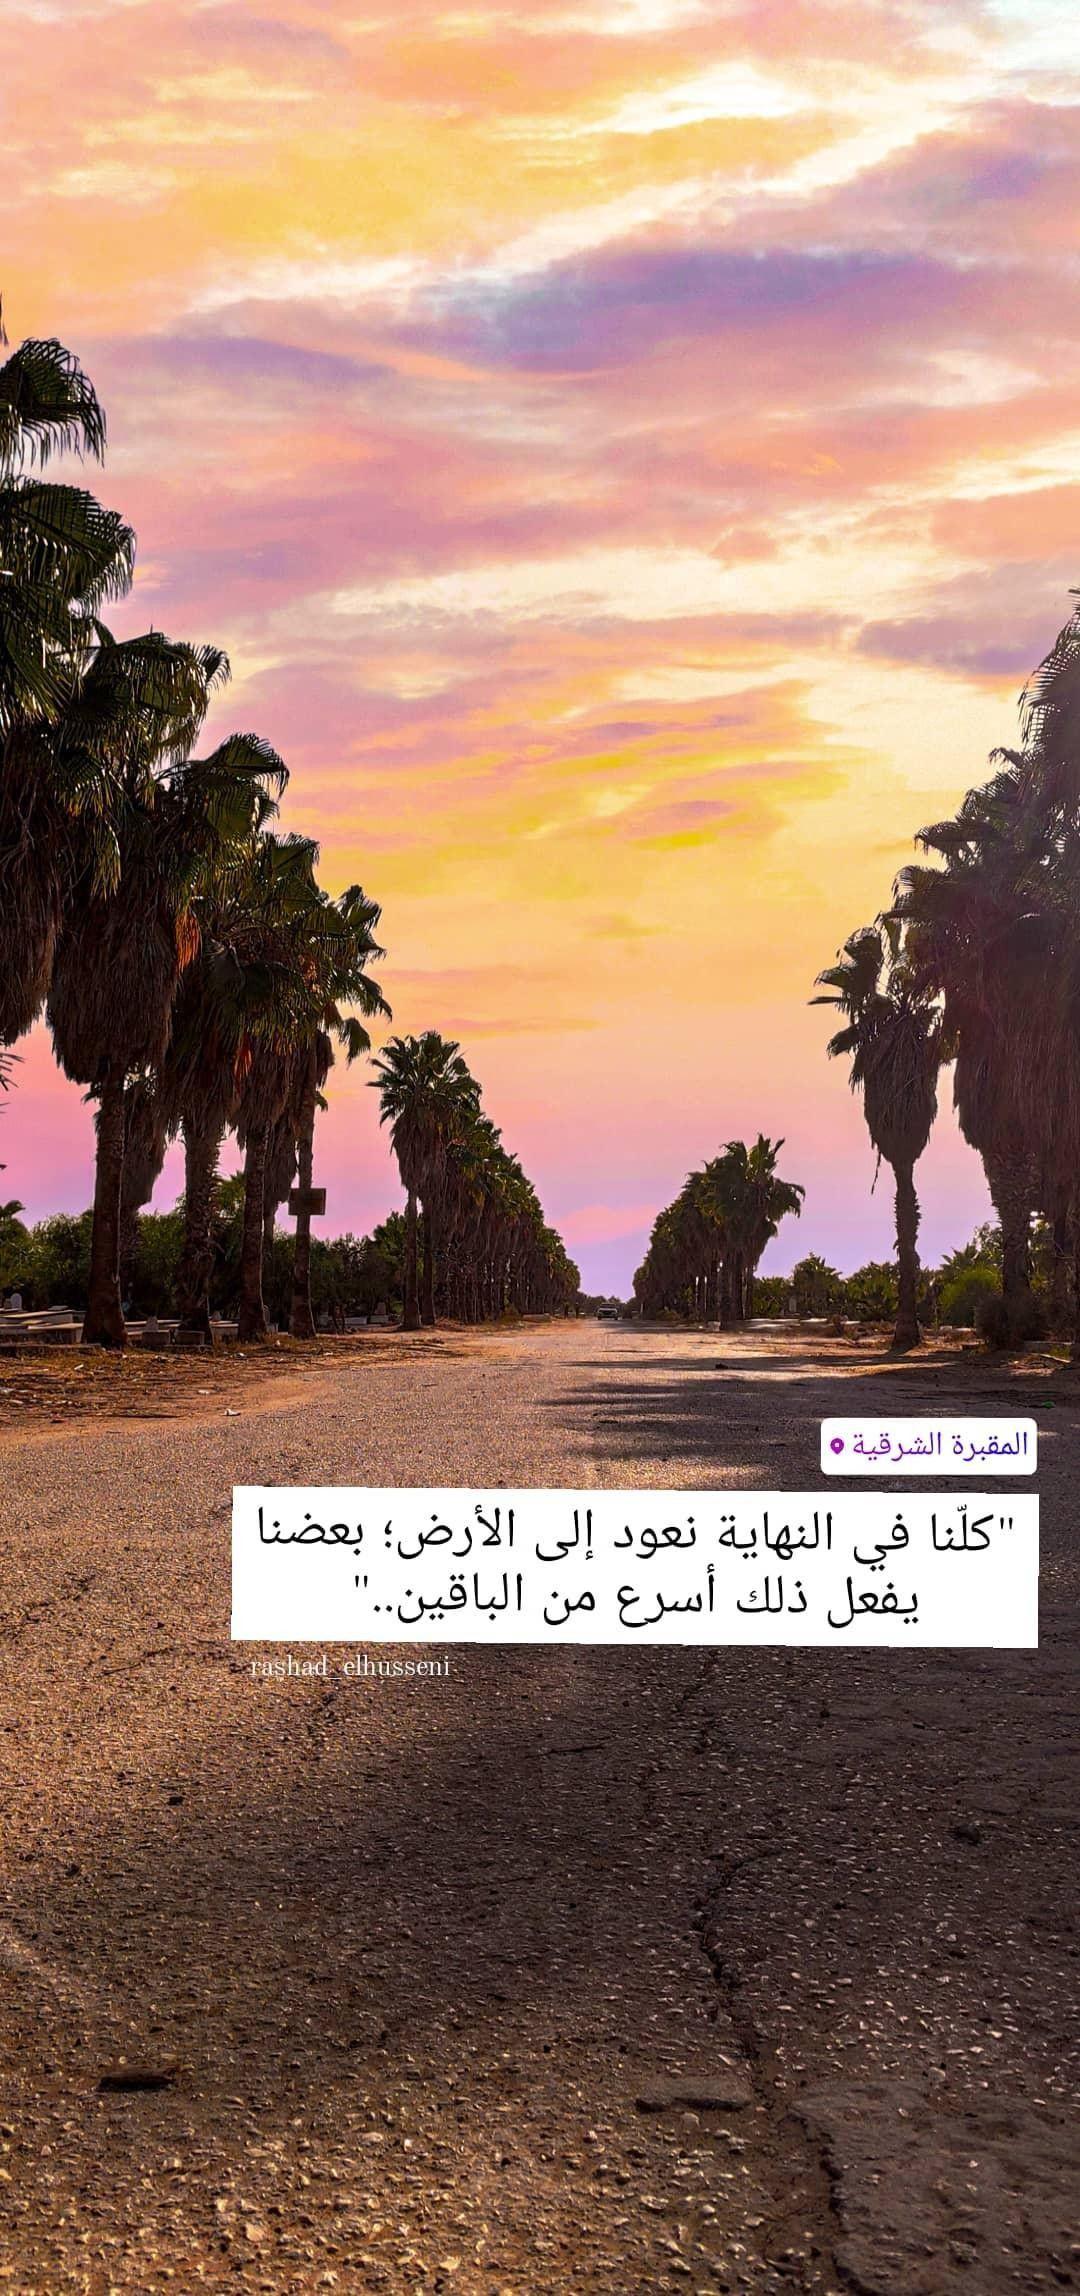 ورد أصفر طبيعة شجر اصفر غزة طبيعة جميل فلسطين القدس كلام تصوير صور ابيض صباح خير صل Instagram Instagram Photo Photo